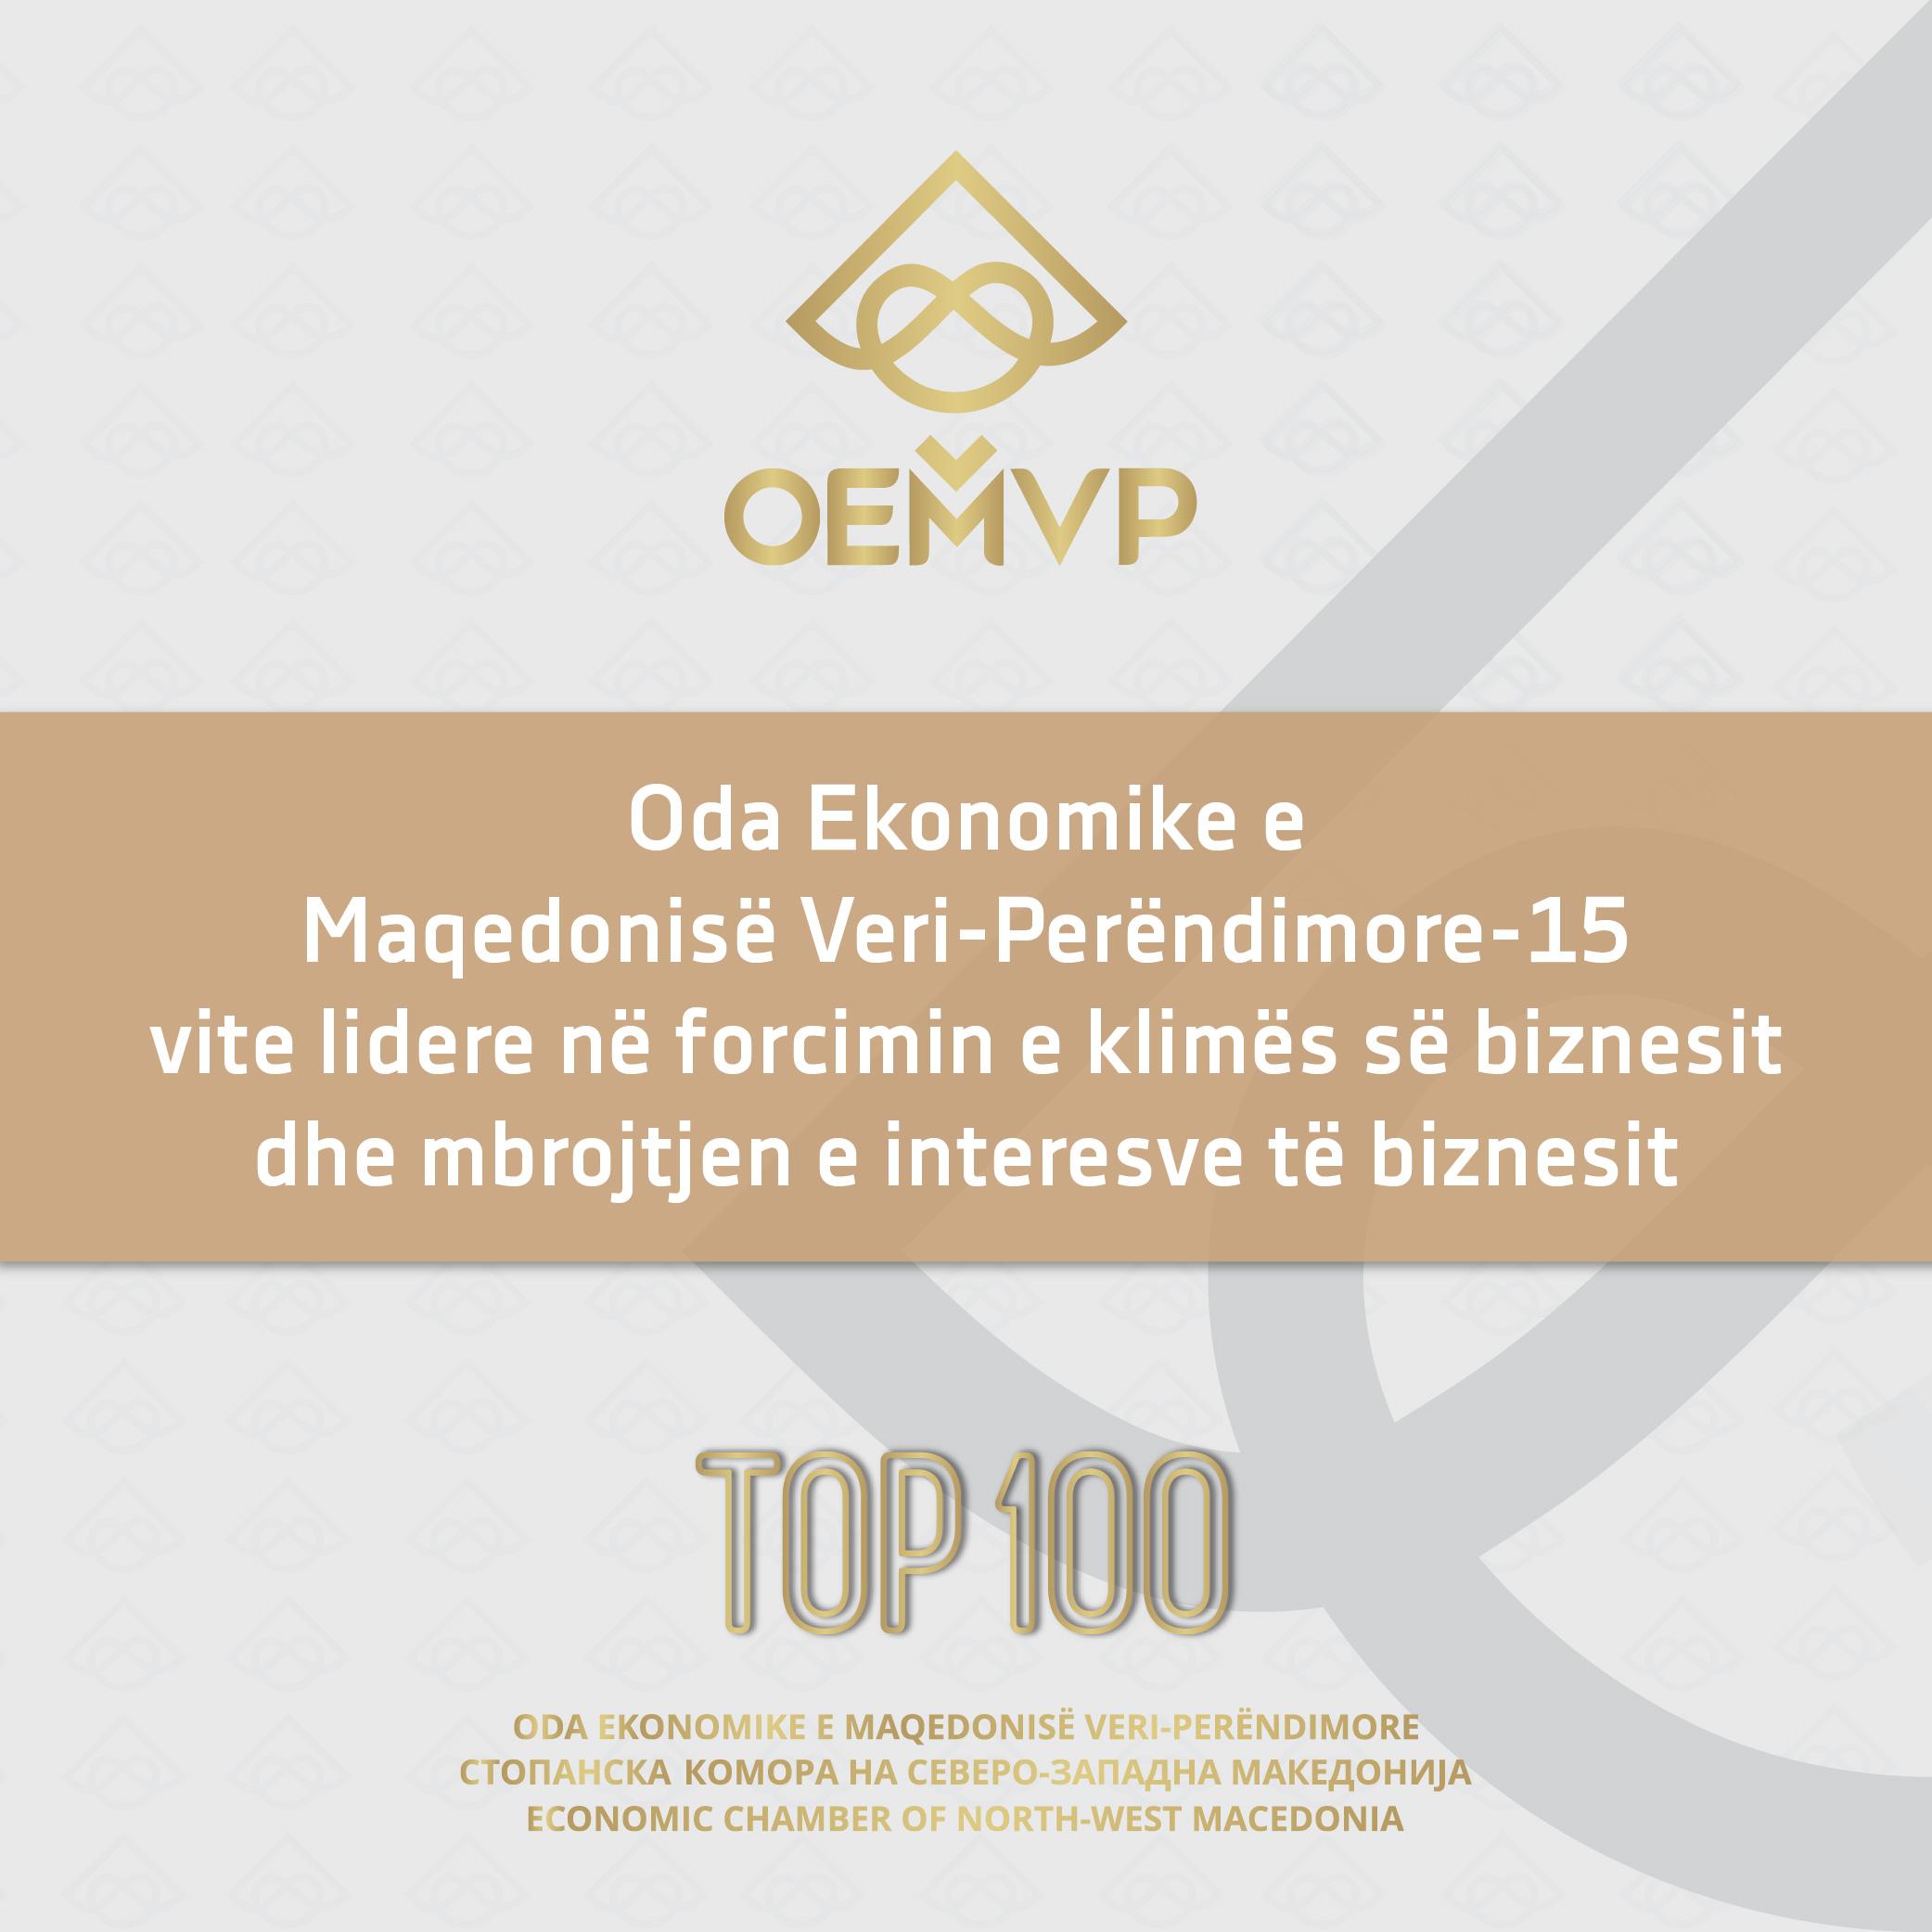 Oda Ekonomike e Maqedonisë Veri-Perëndimore – tashmë 15 vjet lidere në forcimin e klimës së biznesit dhe mbrojtjen e interesave të biznesit